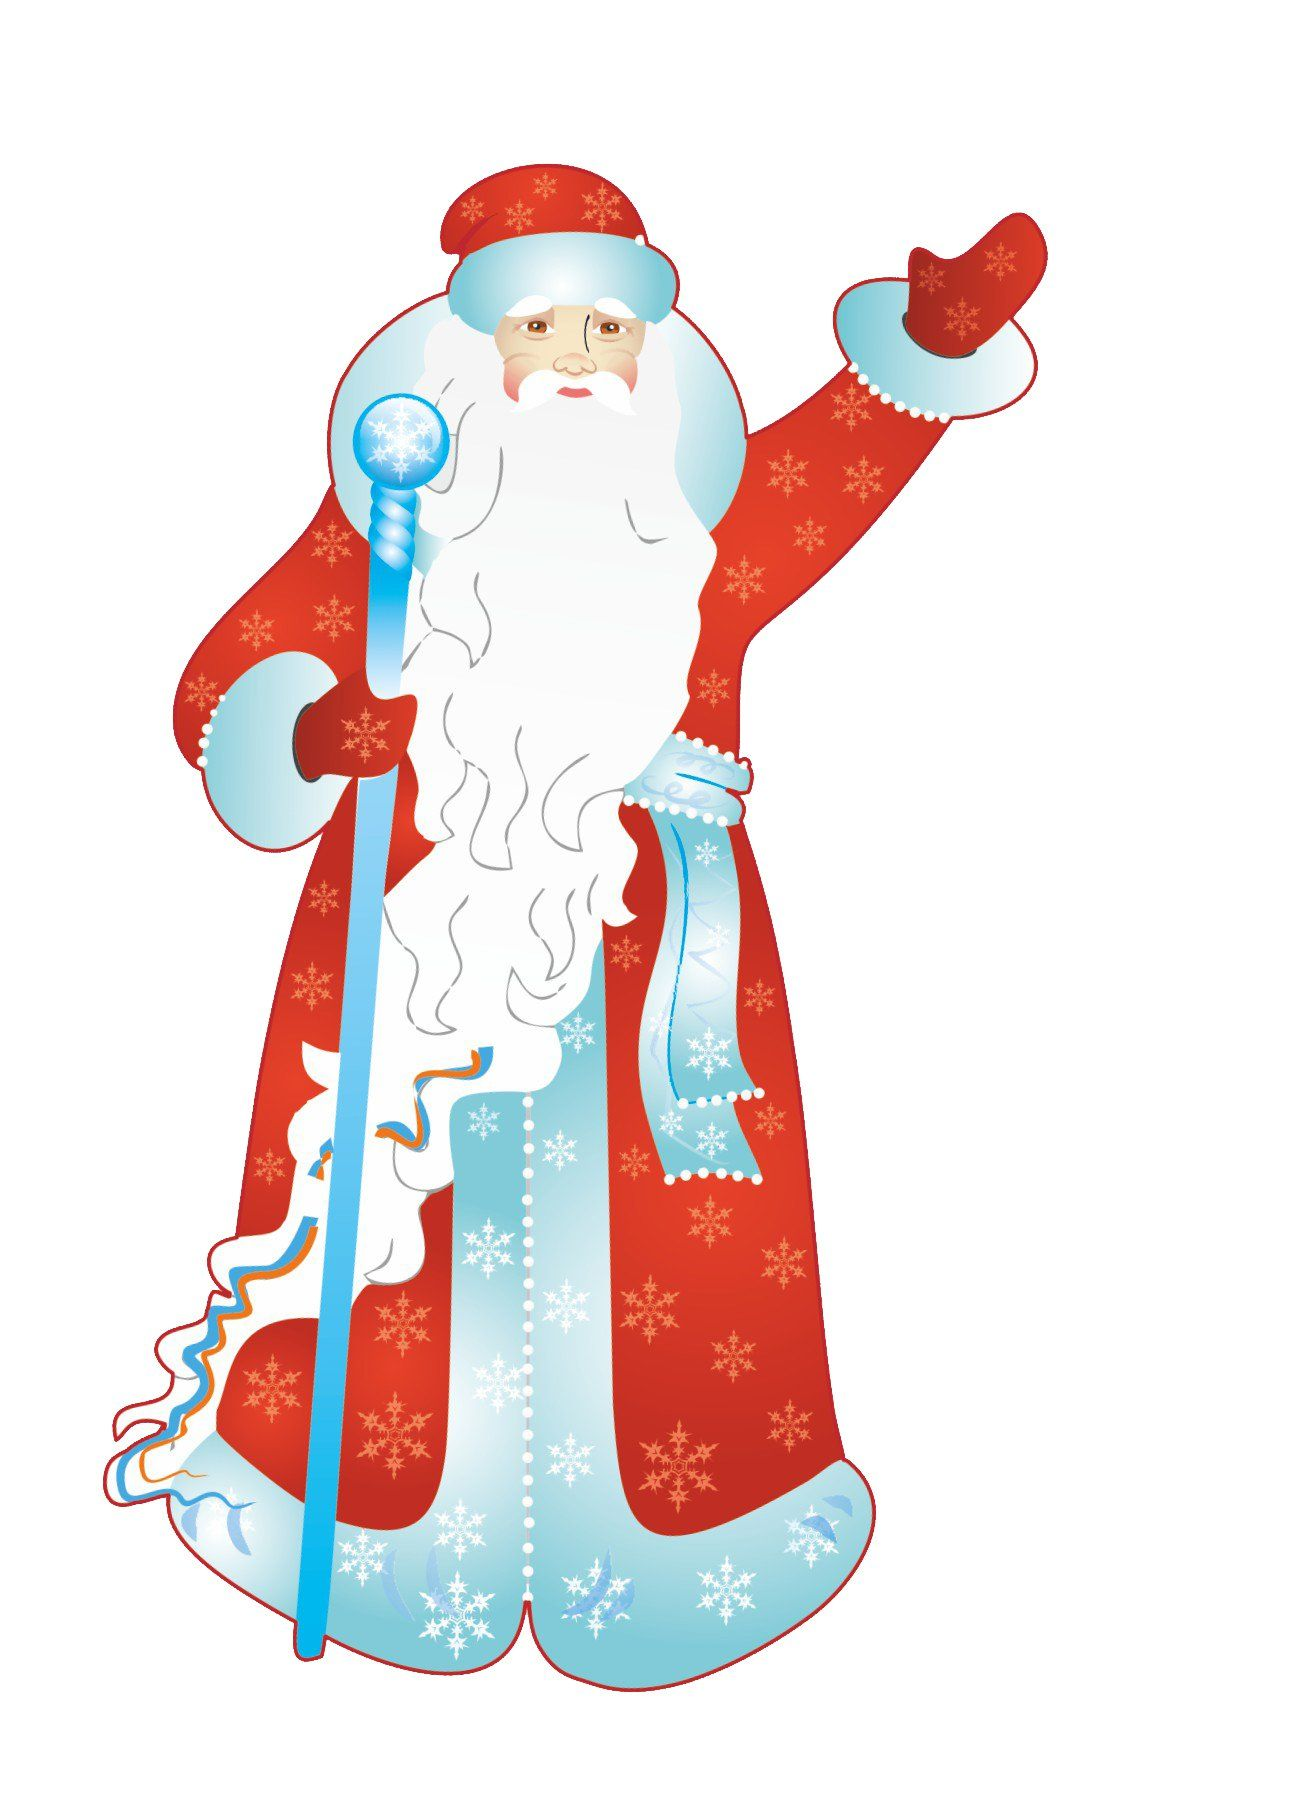 Мини-плакат вырубной Дед Мороз: 106х139 ммТовары для оформления и проведения праздника<br>.<br><br>Год: 2017<br>Серия: Вырубные фигуры для оформления<br>Высота: 139<br>Ширина: 106<br>Переплёт: набор